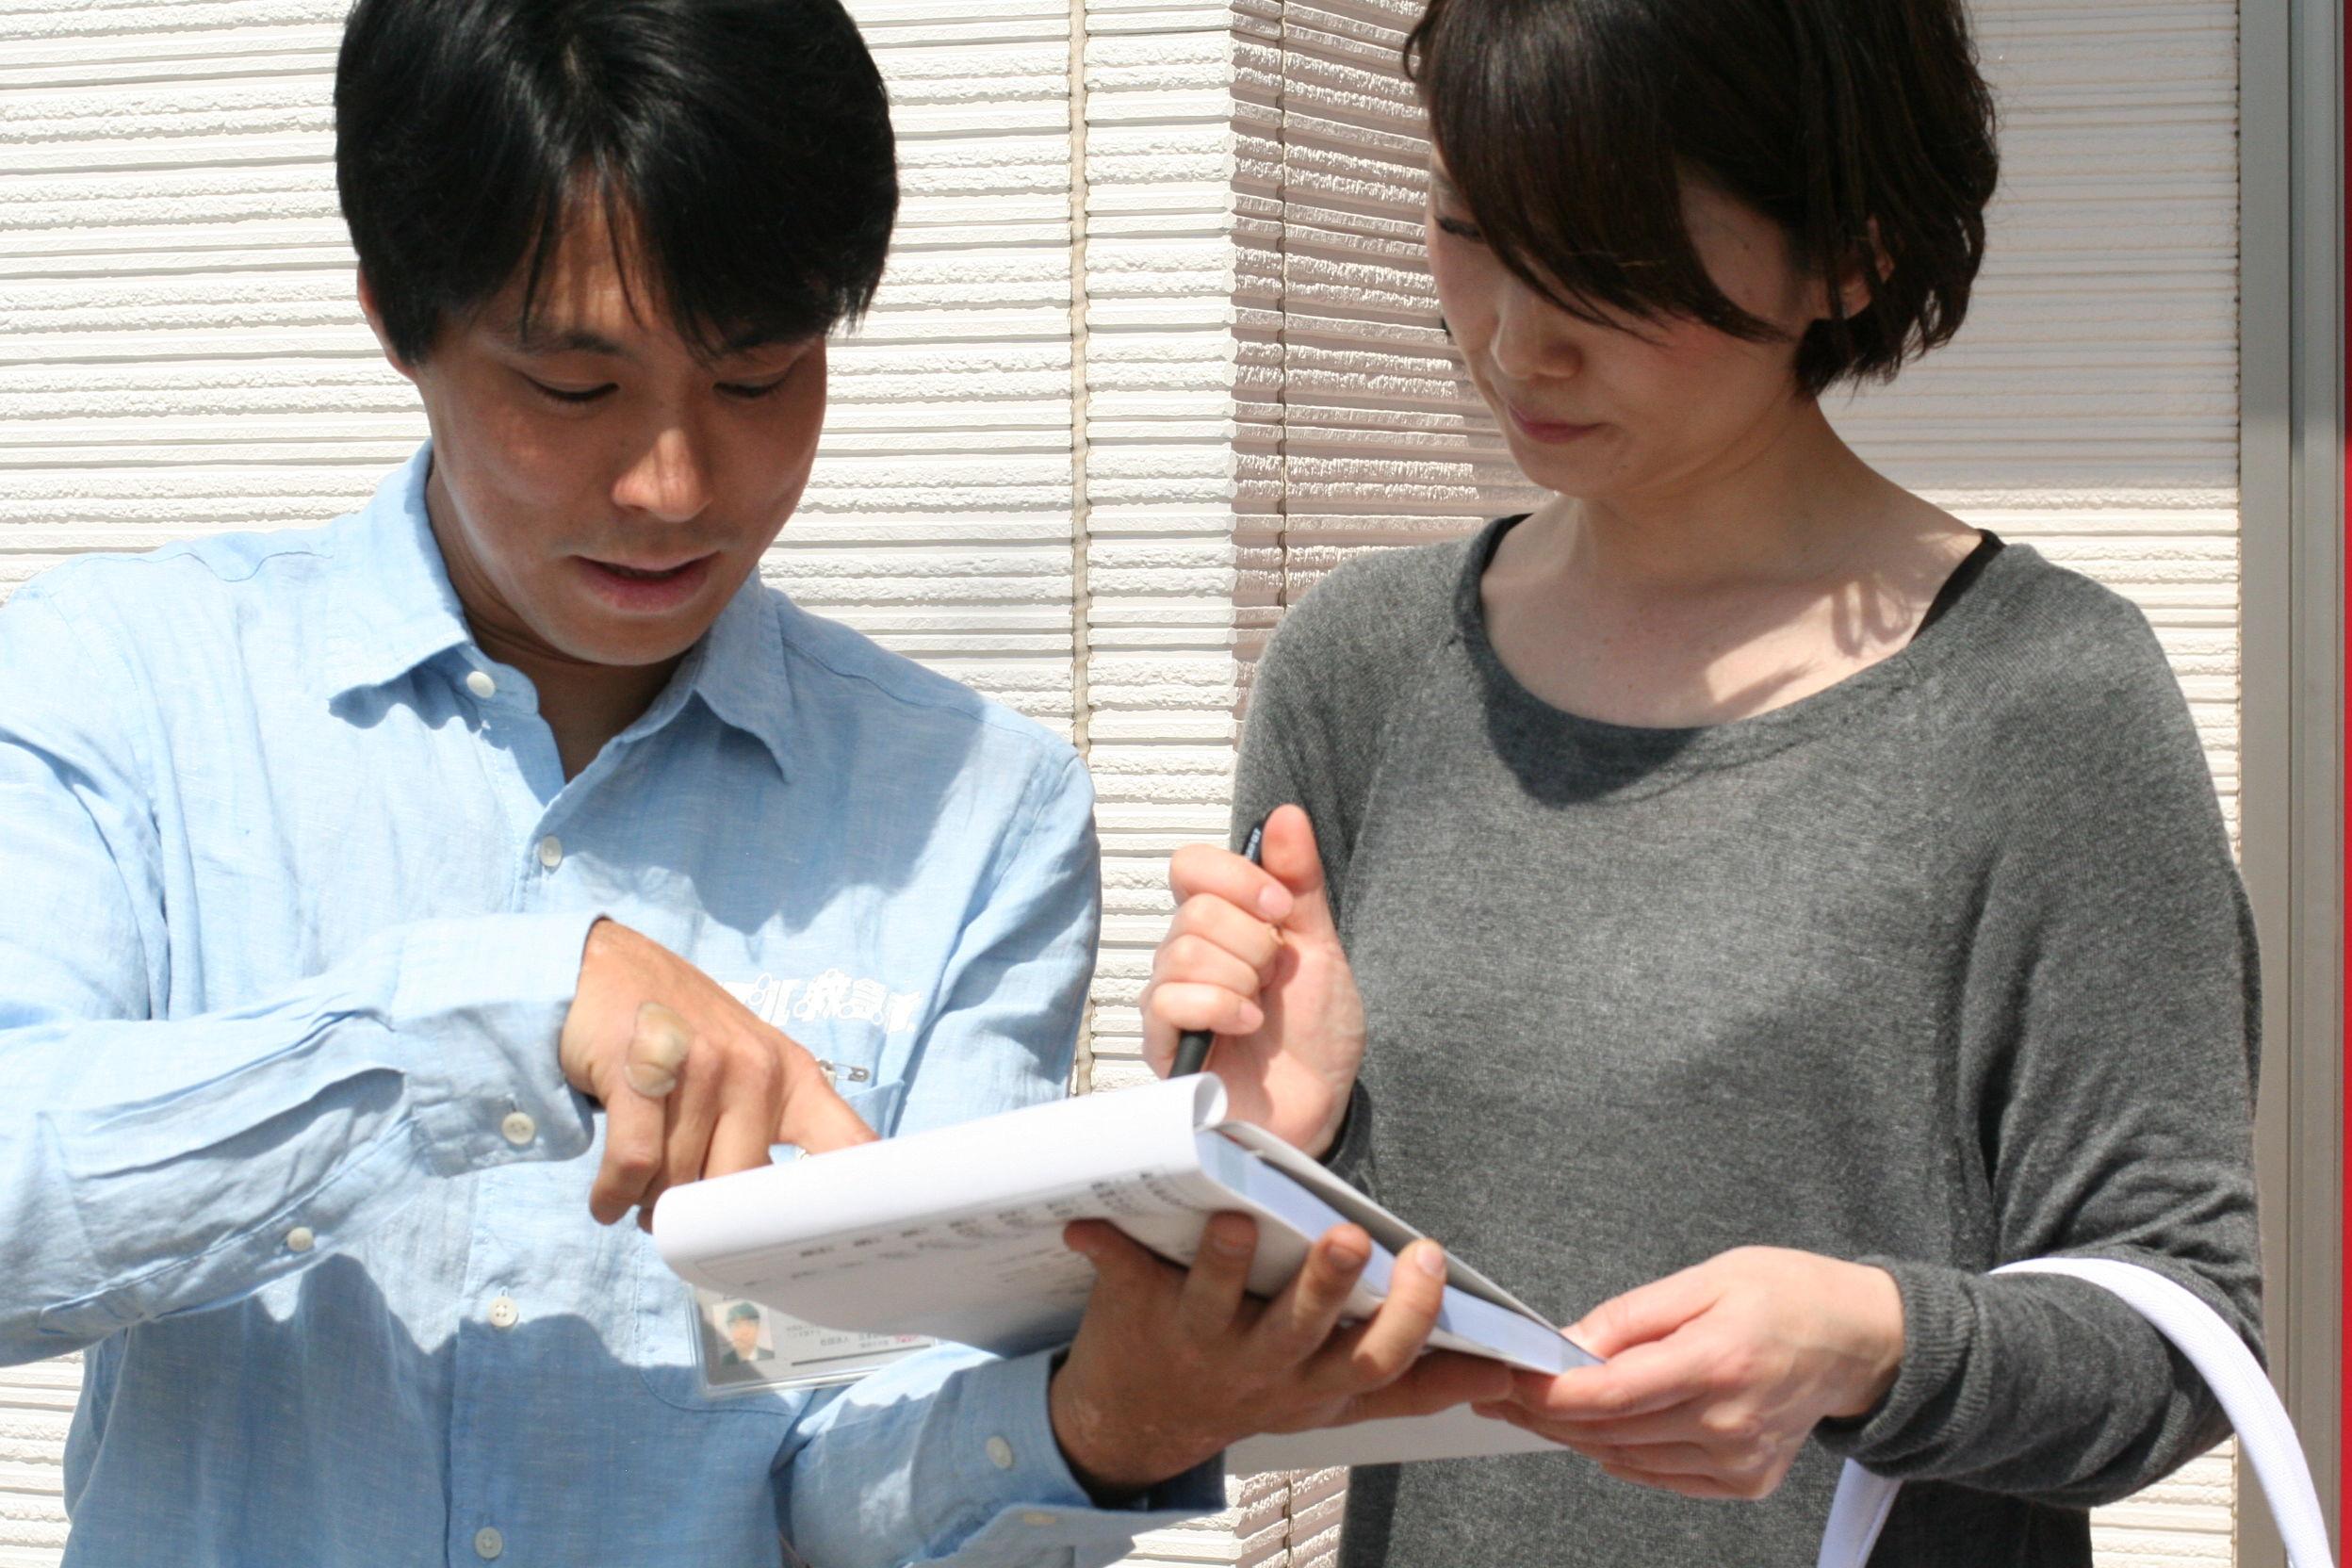 鍵のトラブル救急車【京都市西京区 出張エリア】のメイン画像